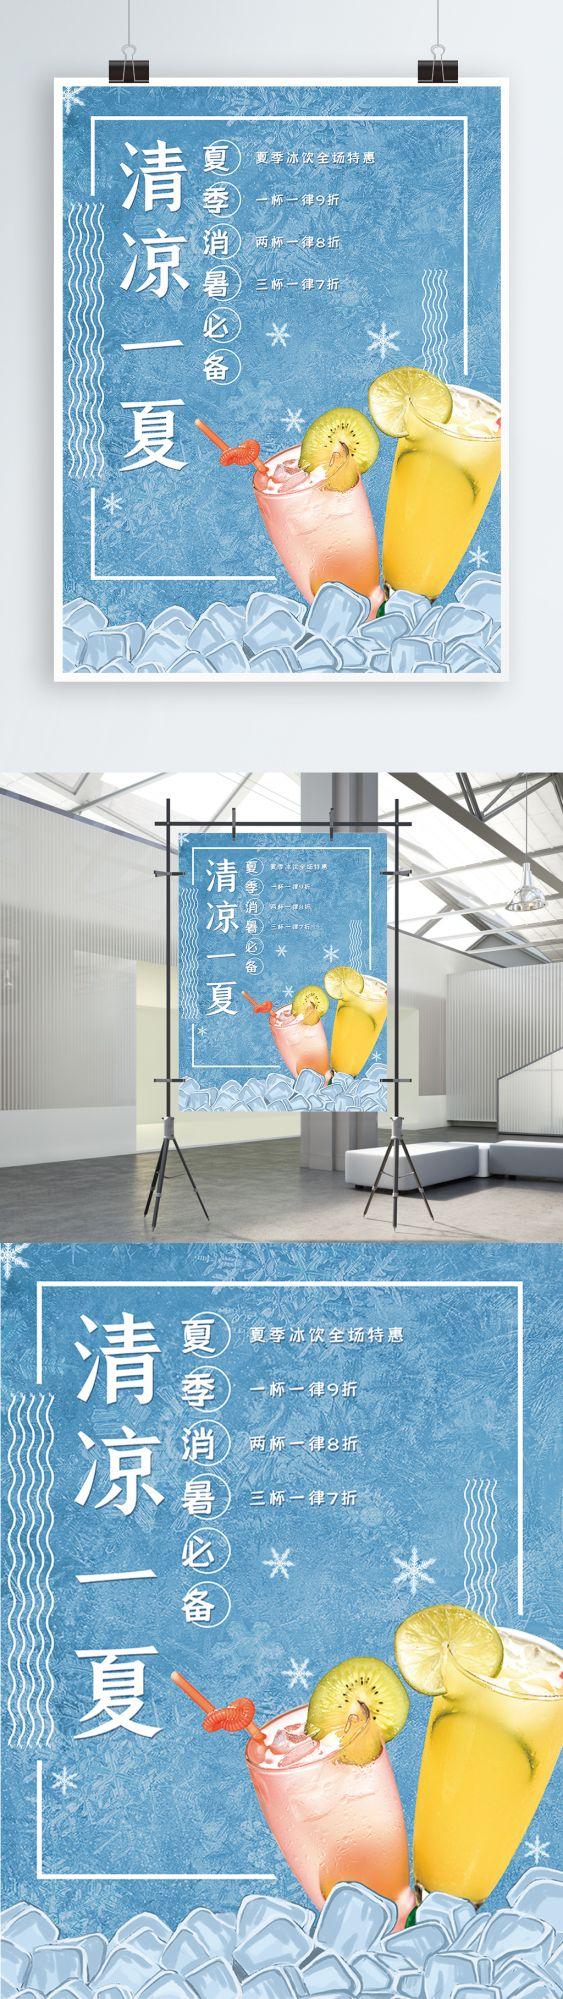 清凉一夏饮料饮品促销海报PSD素材在线免费下载